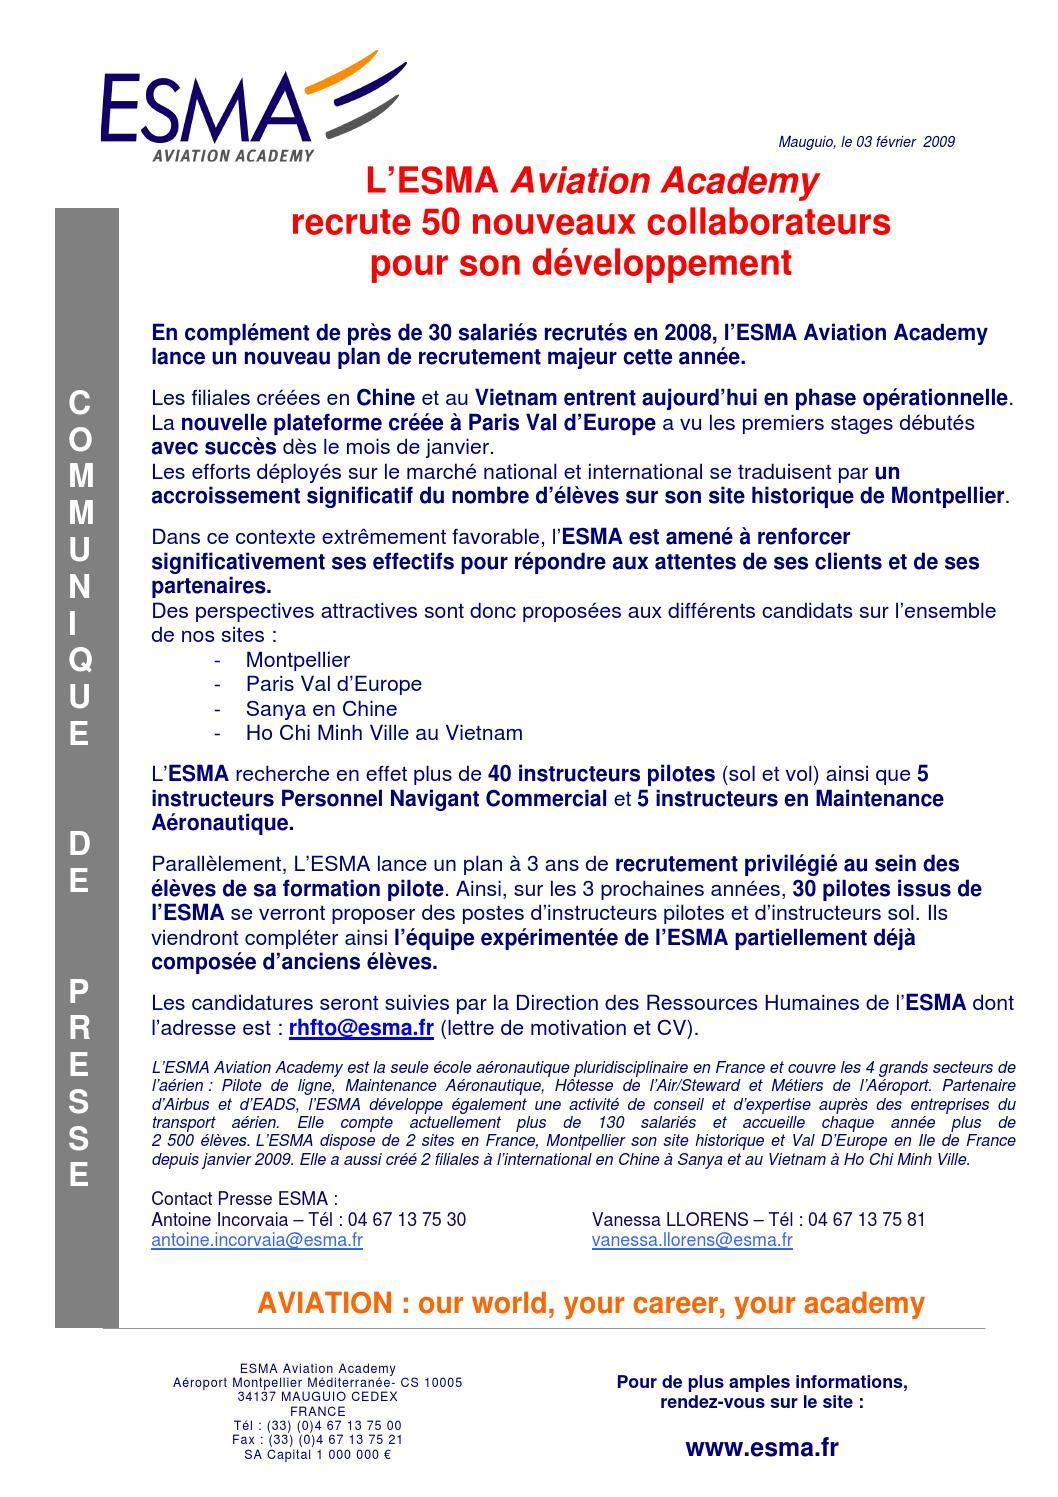 2009 02 03 Cp Esma Plan De Recrutement By Esma Aviation